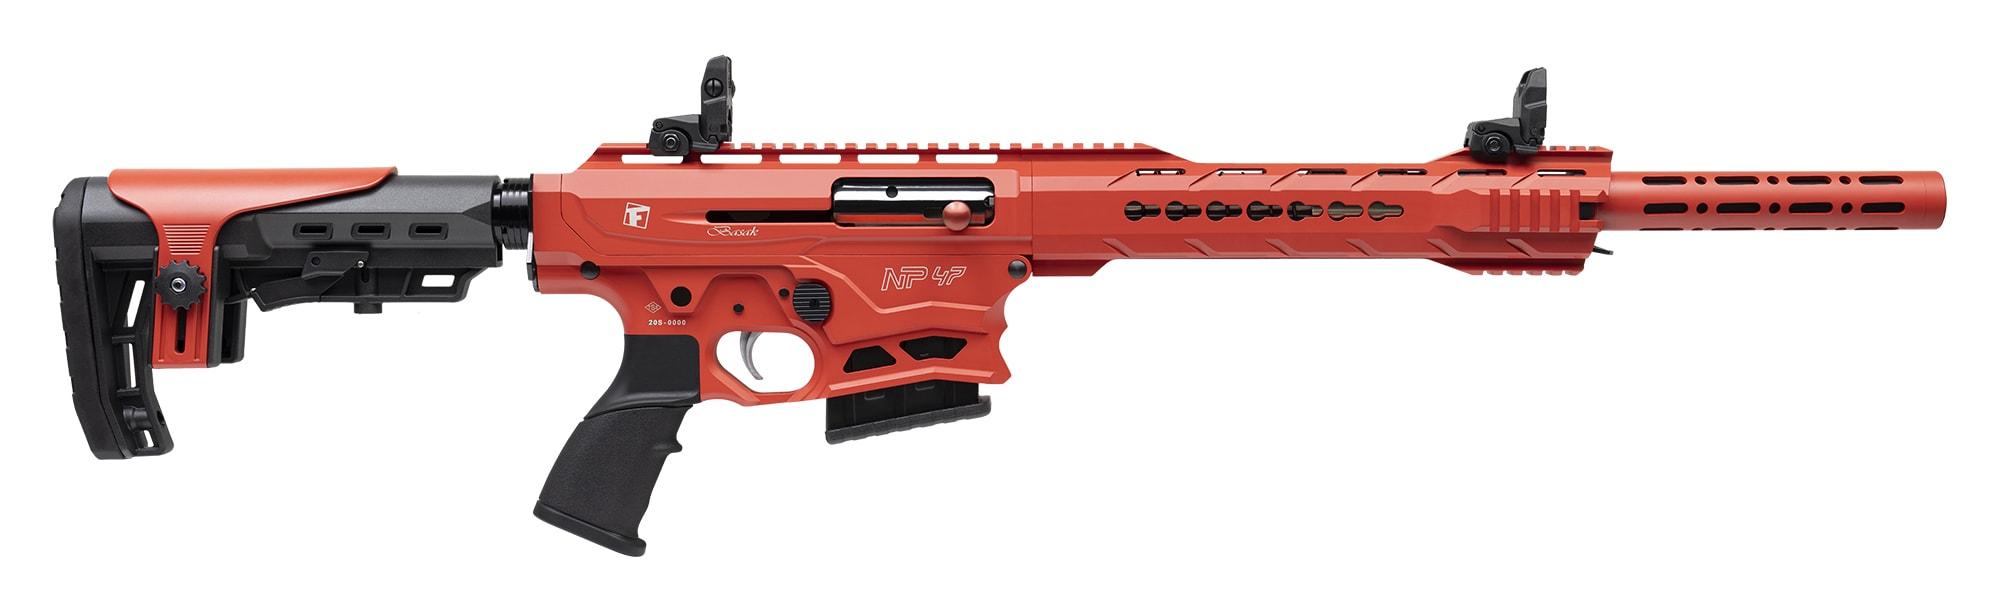 Basak NP47 Red